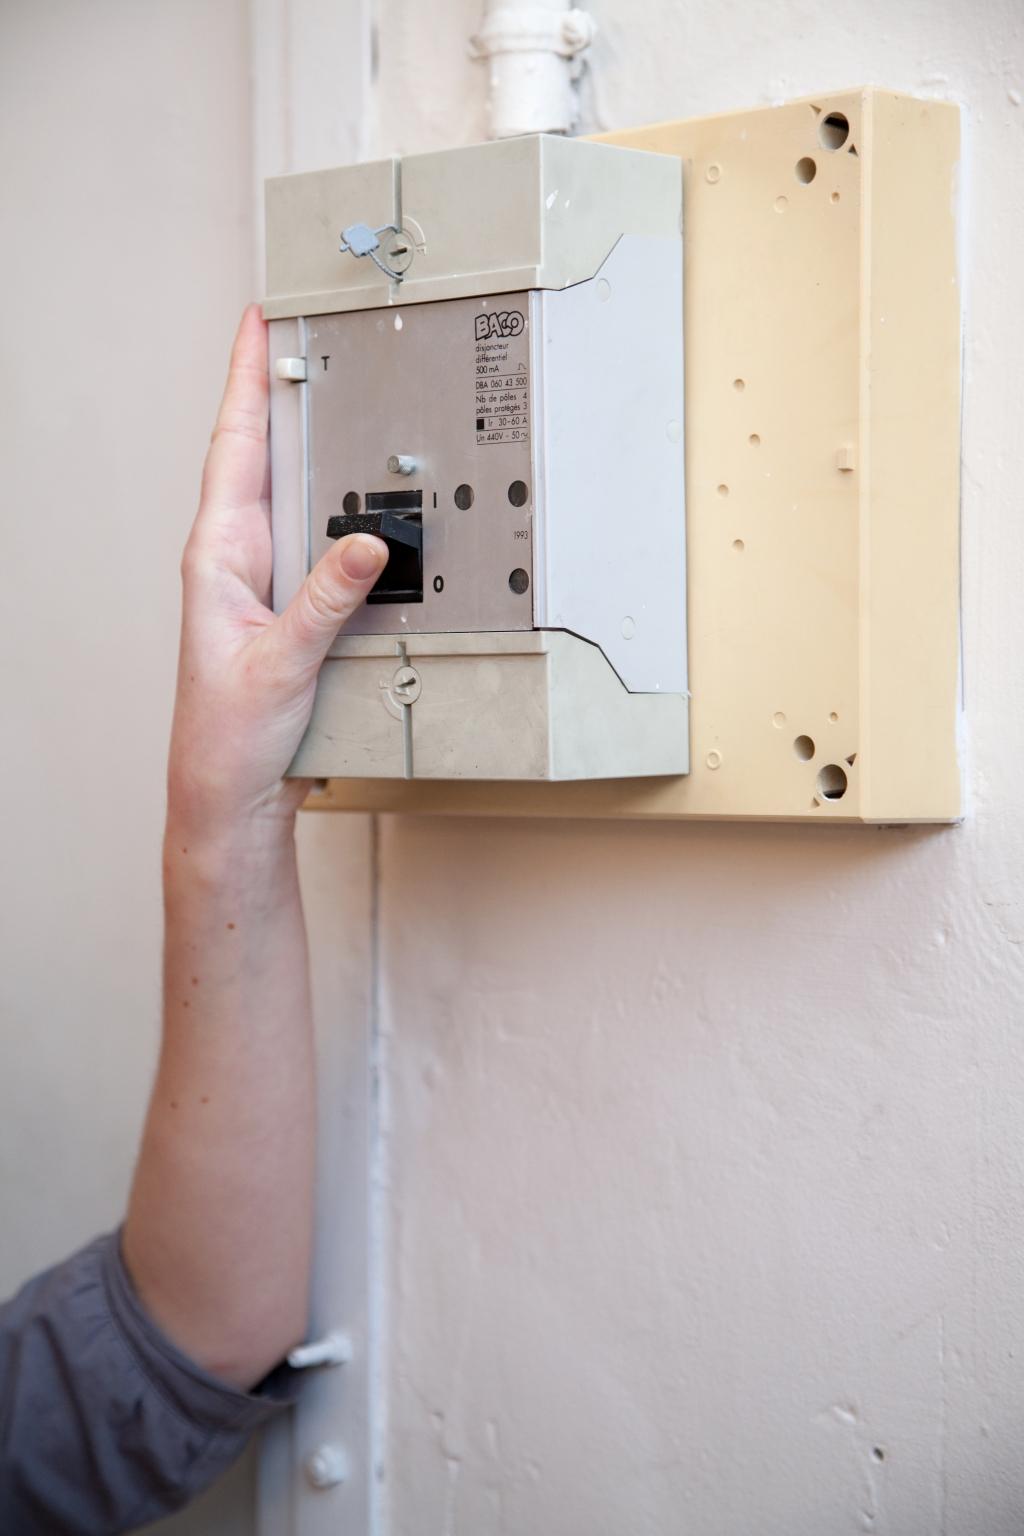 Installer un interrupteur encastré - Étape 21